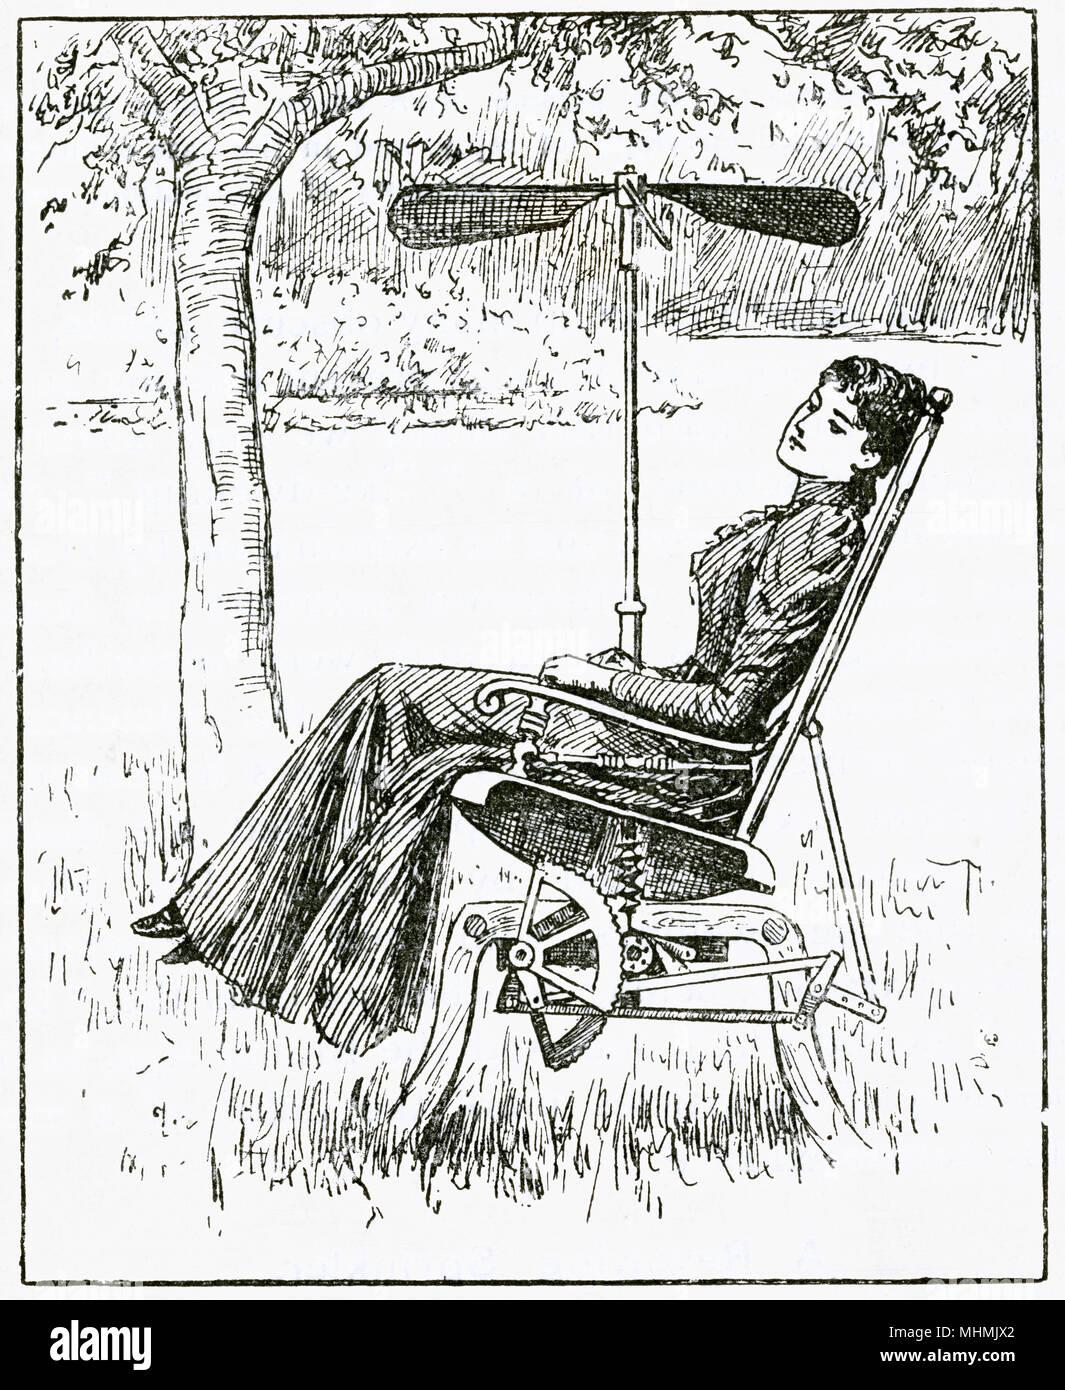 Frau relaxen in der Sonne mit einem mechanischen Schaukelstühlen, ein Ventilator angeschlossen. Datum: 1893 Stockbild